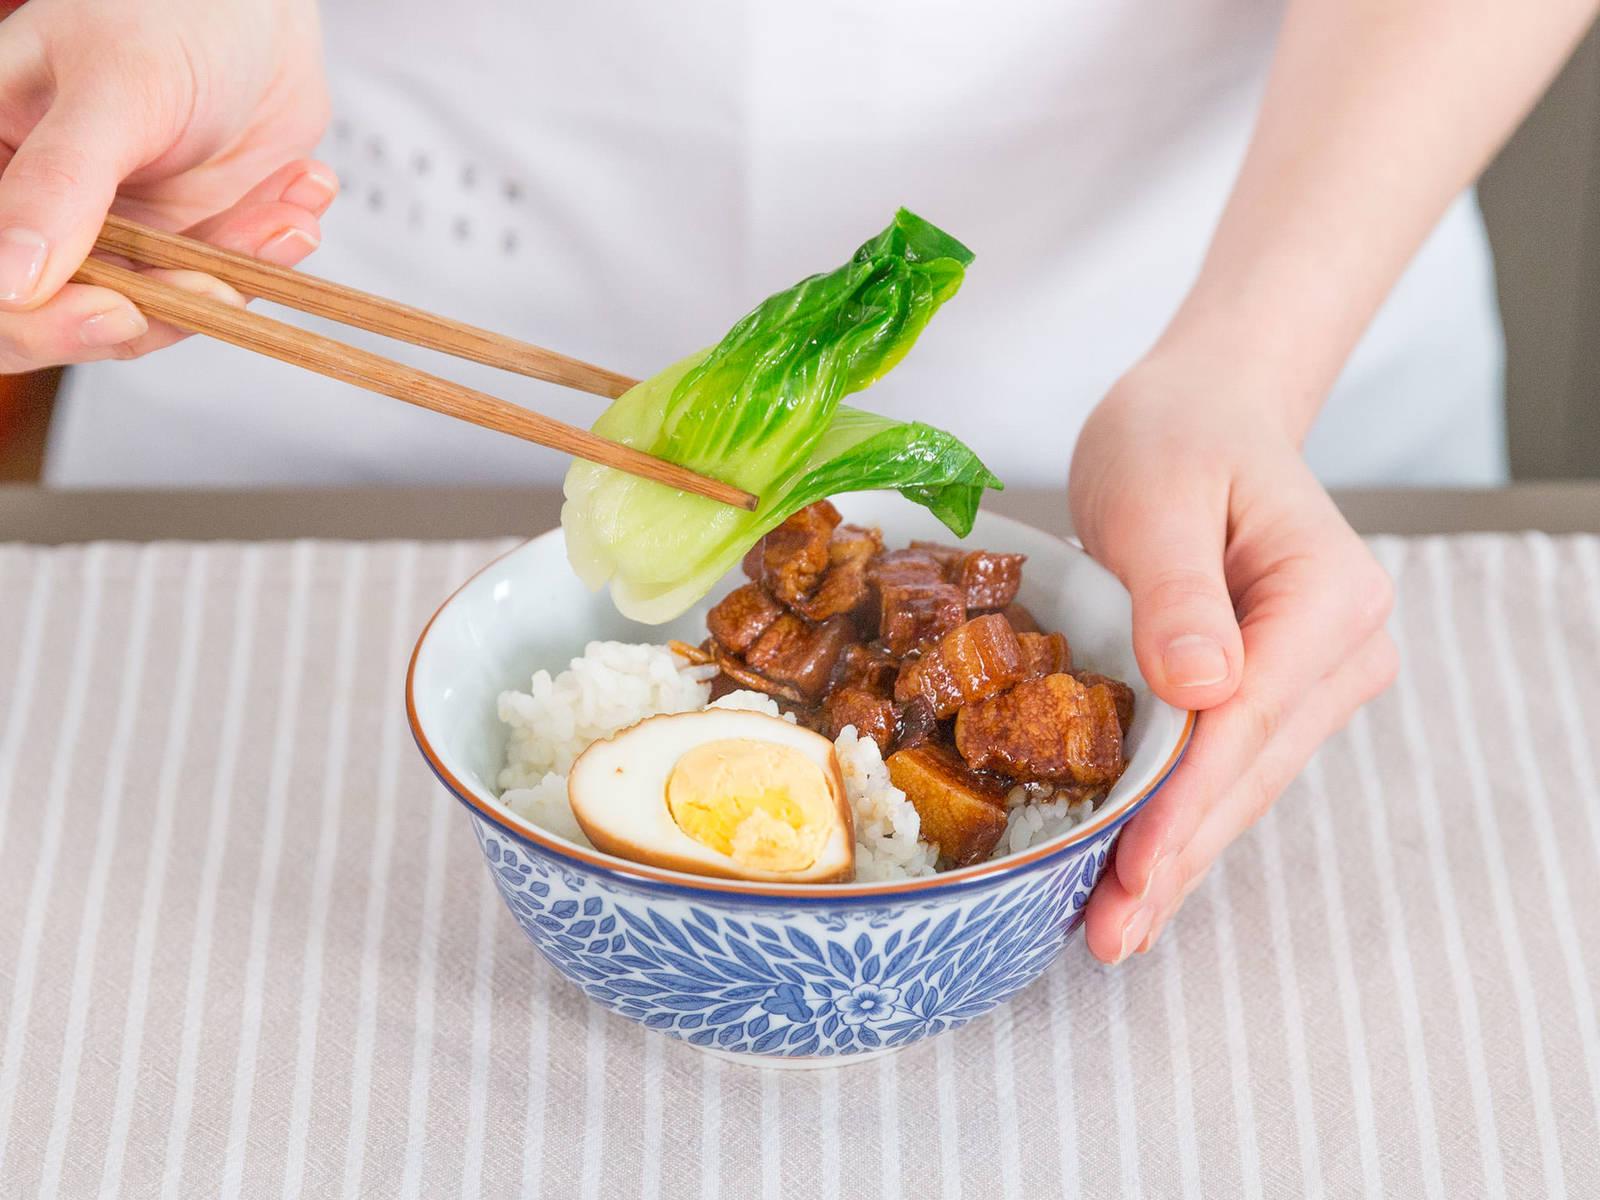 Ei halbieren. Schweinebauch, Pak Choi und Eihälften in einer Schüssel anrichten und mit Reis servieren. Guten Appetit!